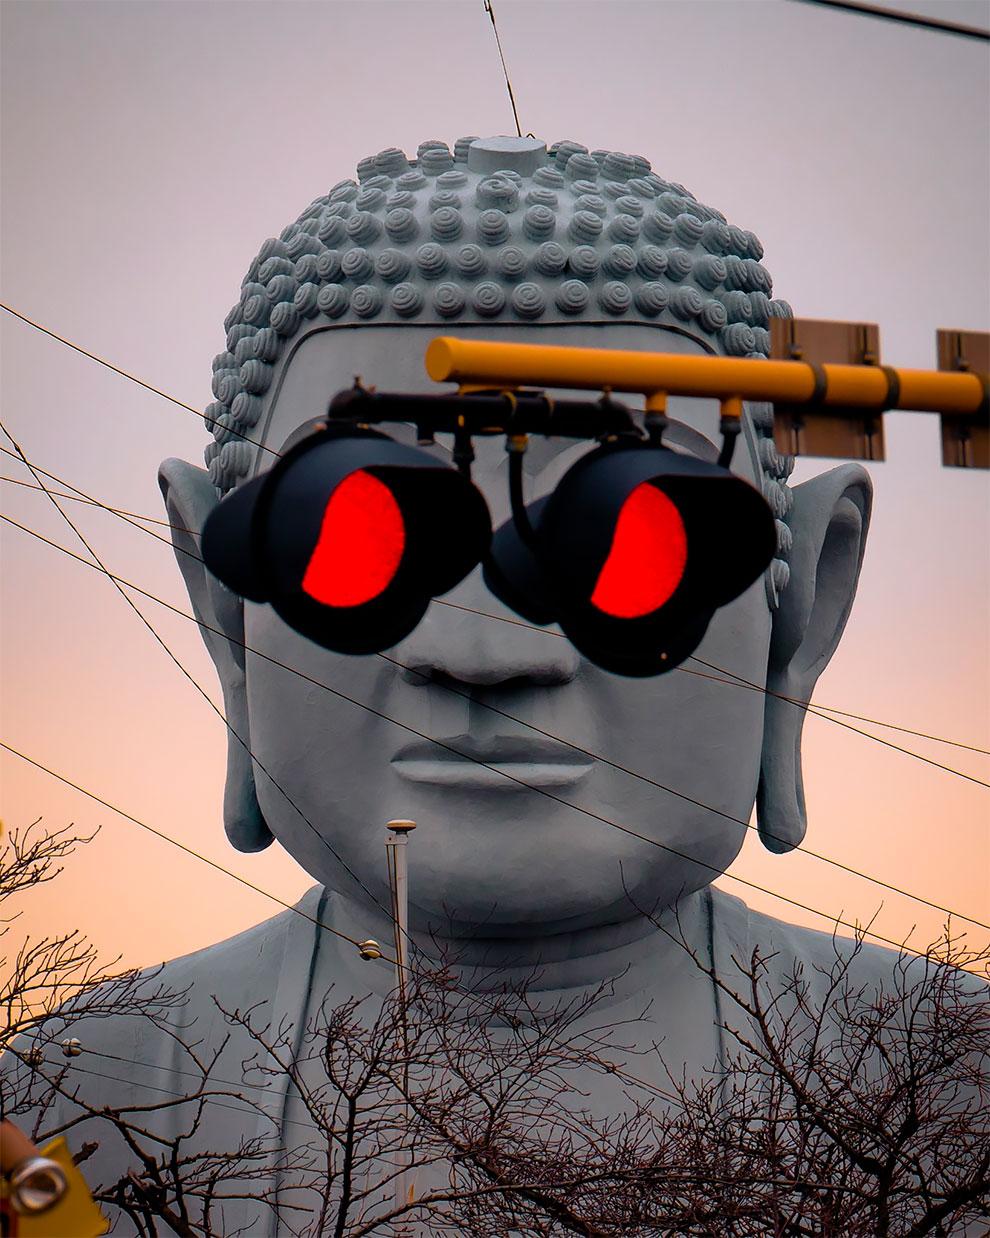 El Gran Buda en Japón está cada vez más canchero (3)